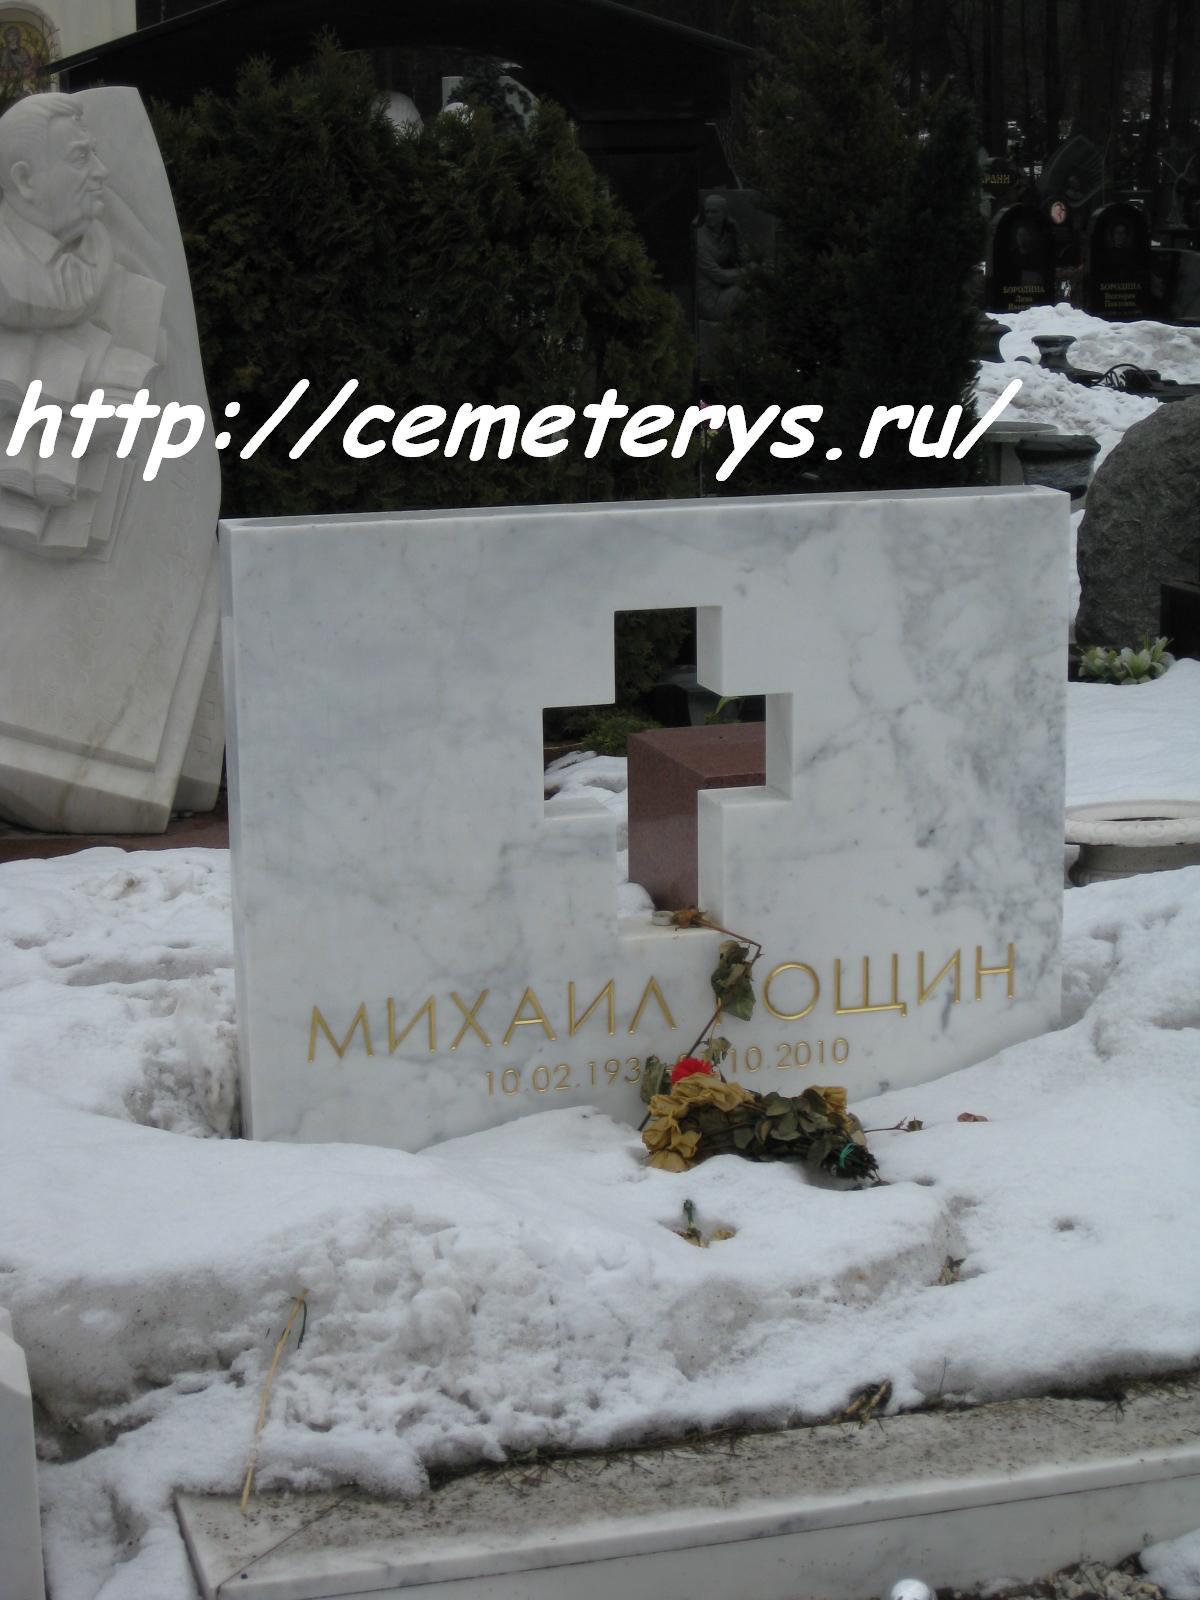 могила Михаила Рощина на Троекуровском кладбище в Москве  (фото Дмитрия Кондратьева)